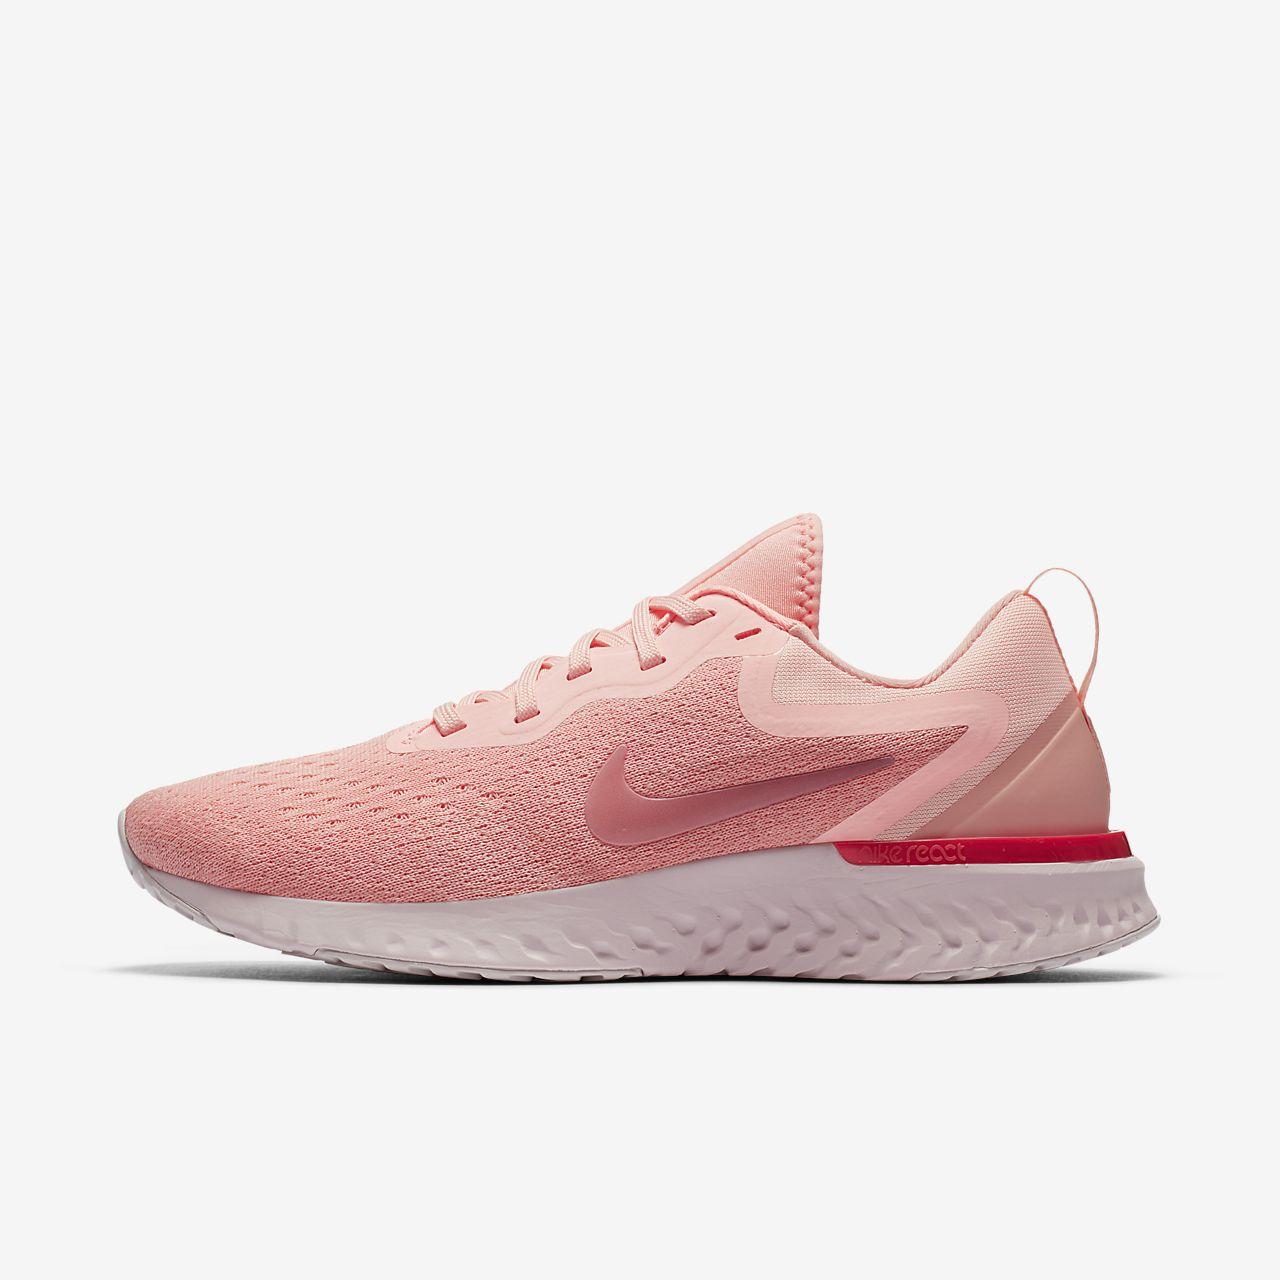 4803657082c1d Nike Odyssey React Women's Running Shoe. Nike.com LU